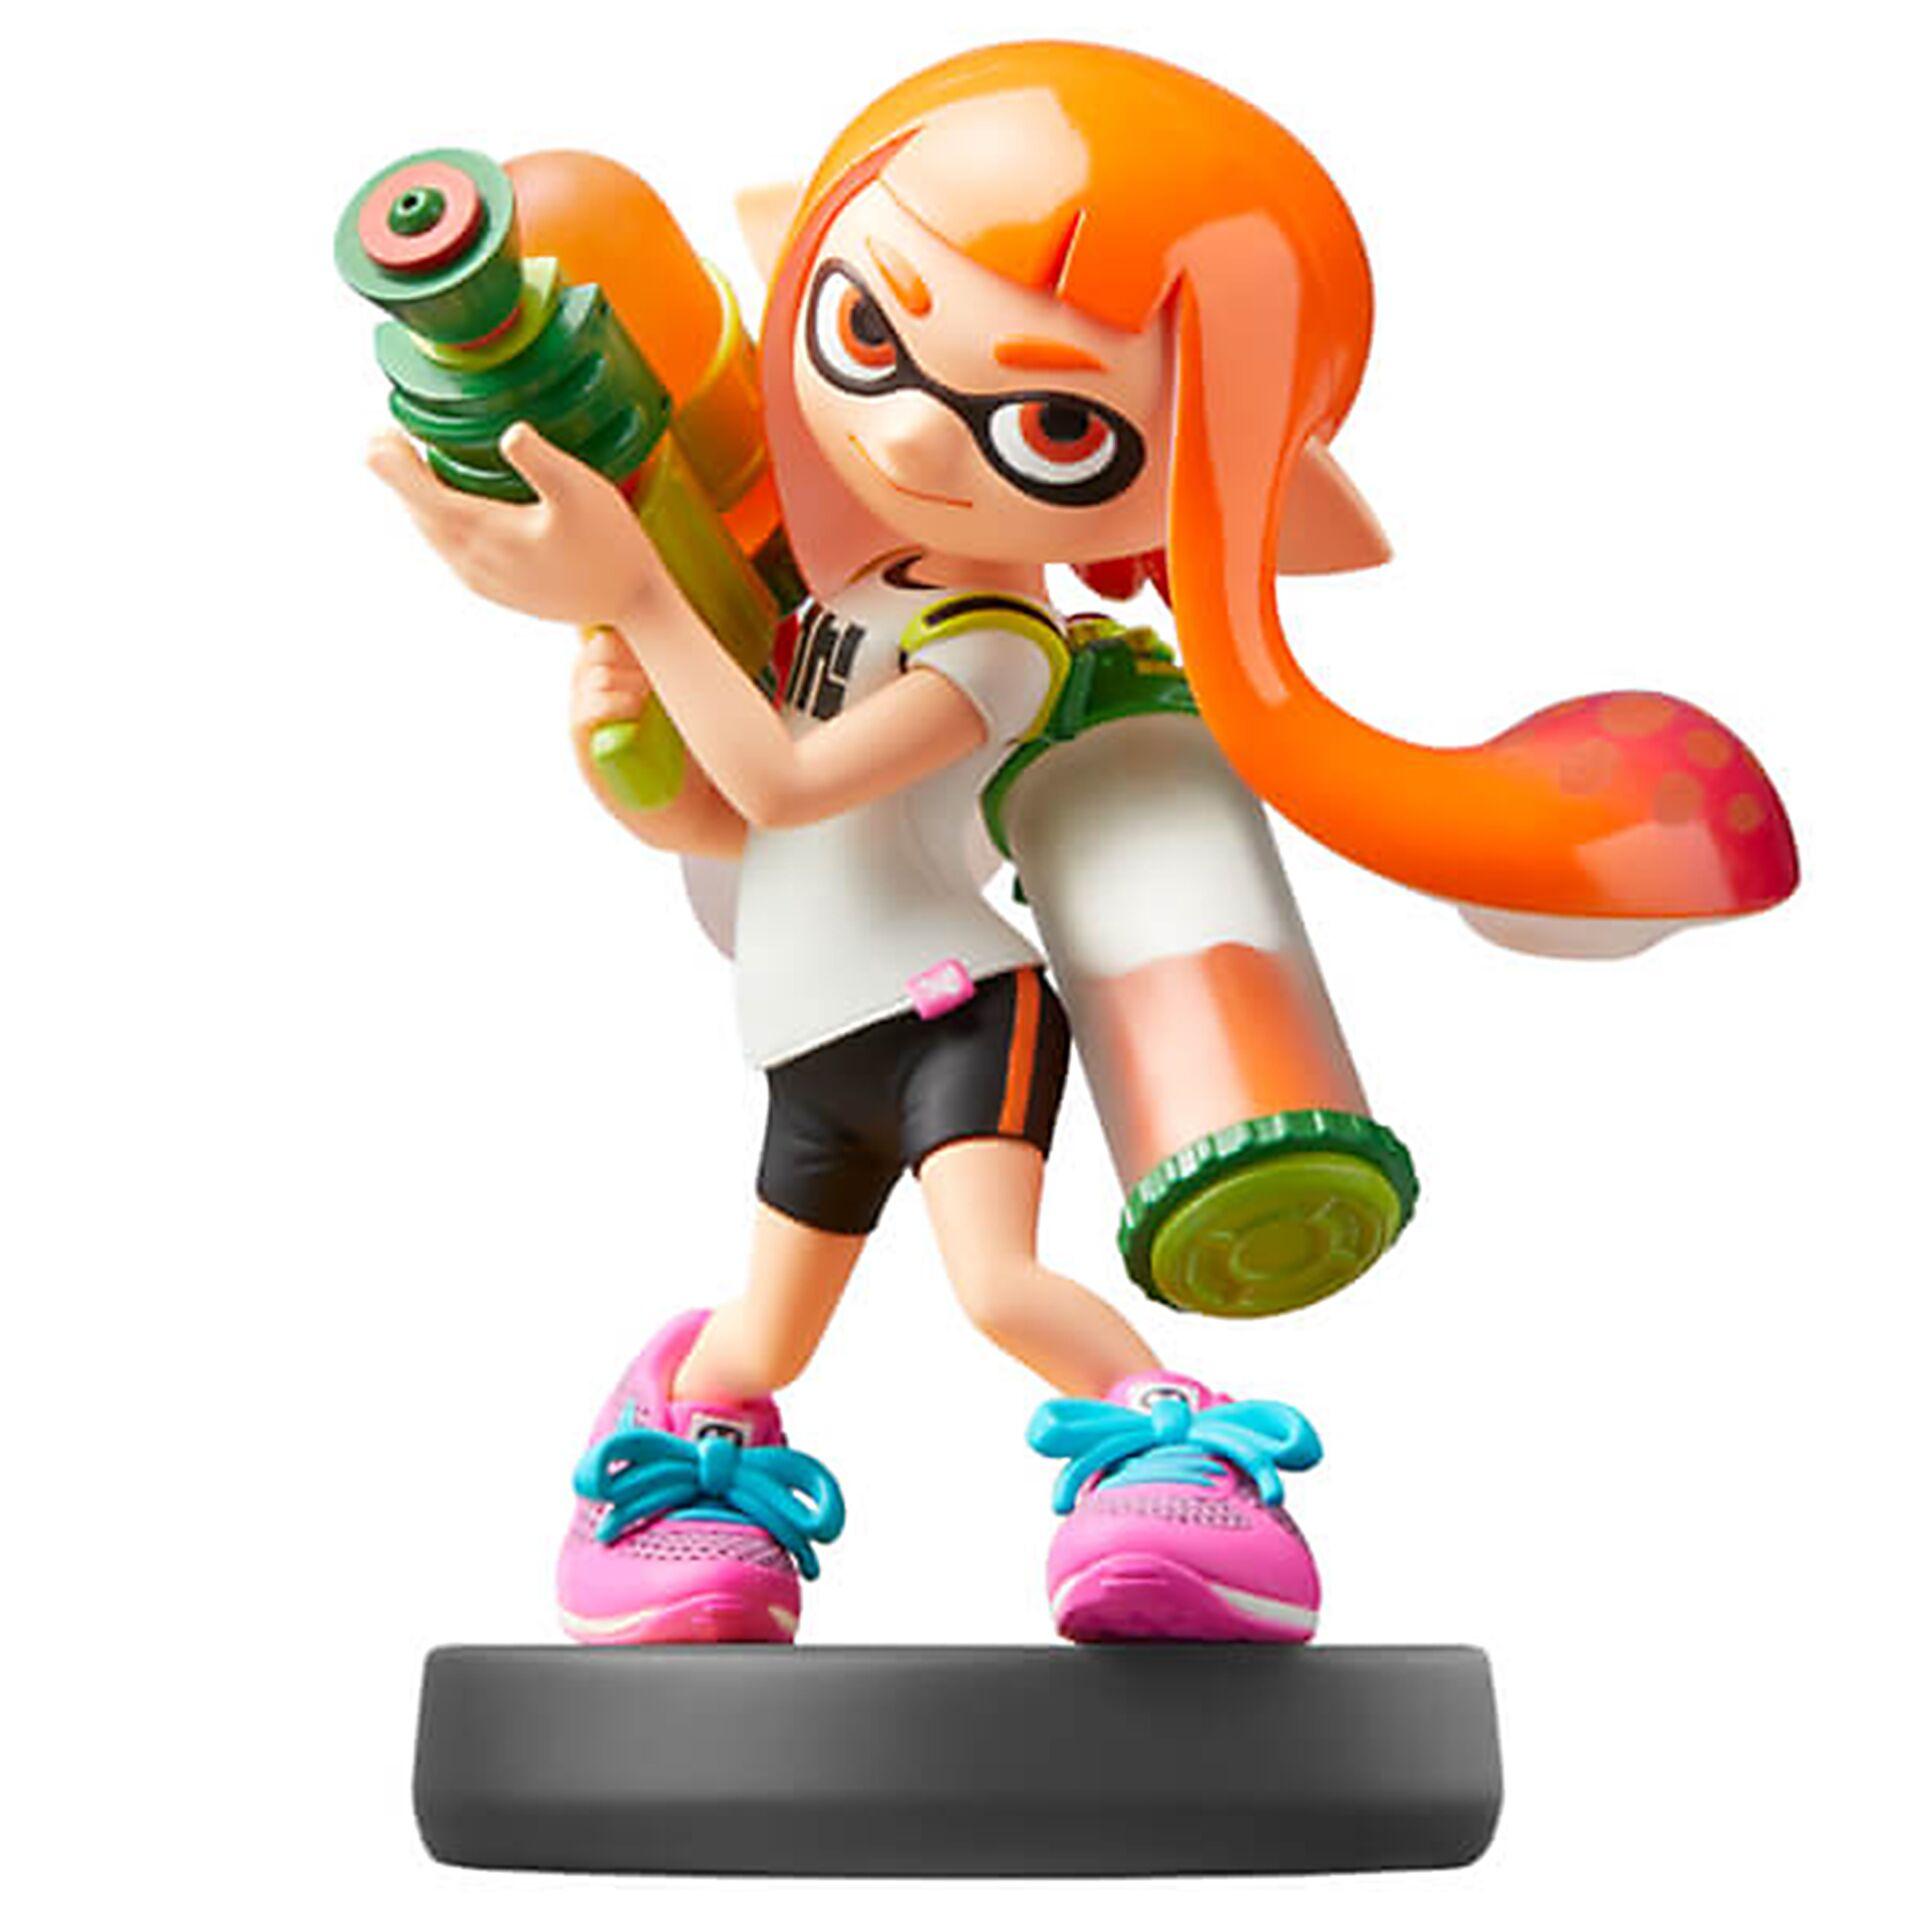 """Nintendo""""amiibo Splatoon Inkling-Mädchen-Spielfigur"""""""